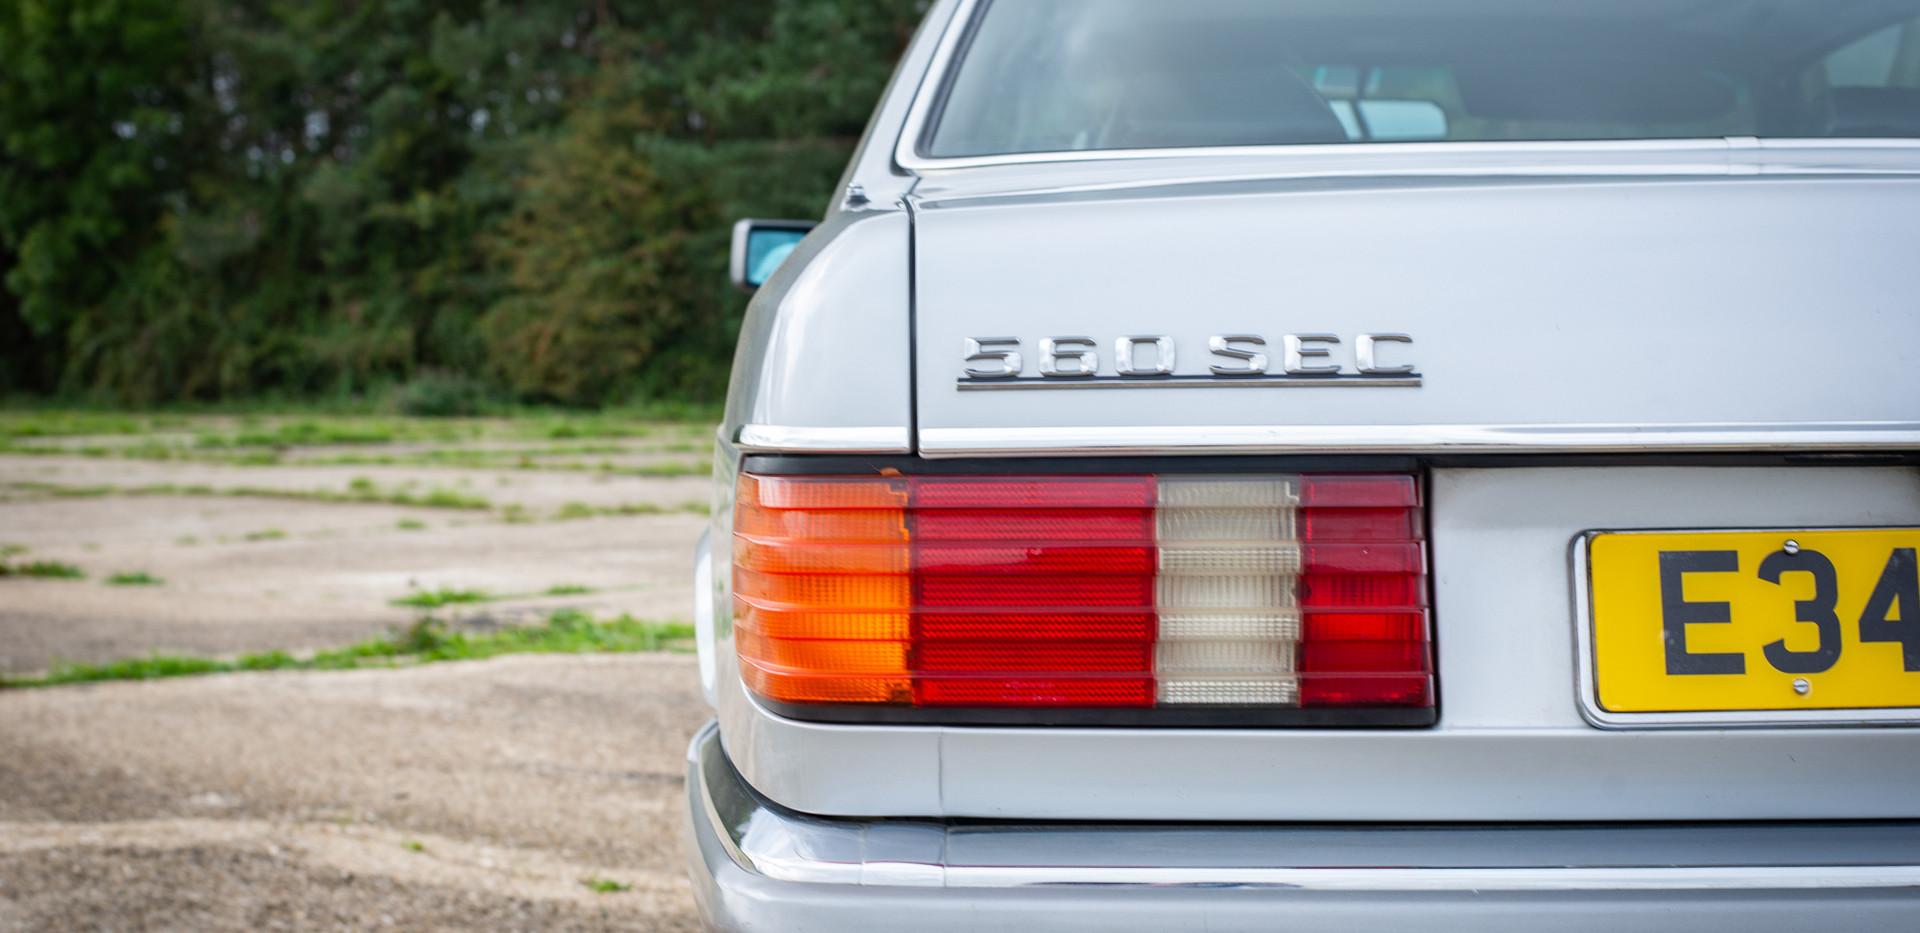 W126 420SEC - Uk for sale london-18.jpg